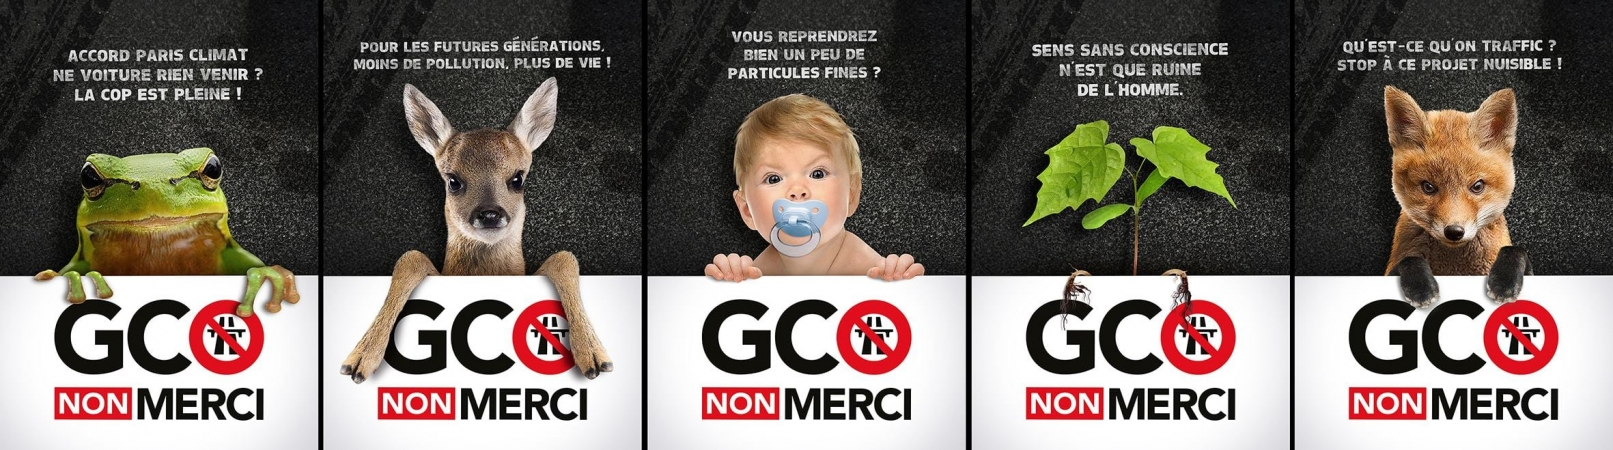 Affiches anti-GCO